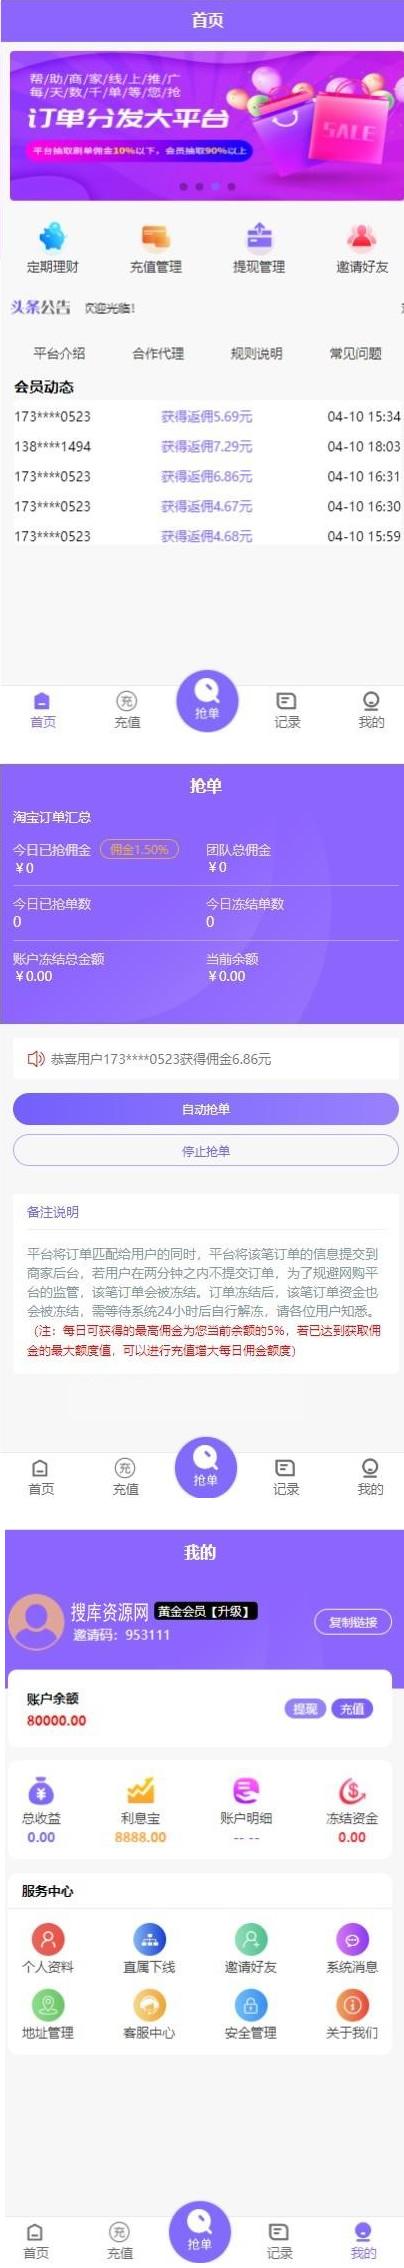 亲测2020最新v8淘宝京东自动抢单系统运营版源码 第1张